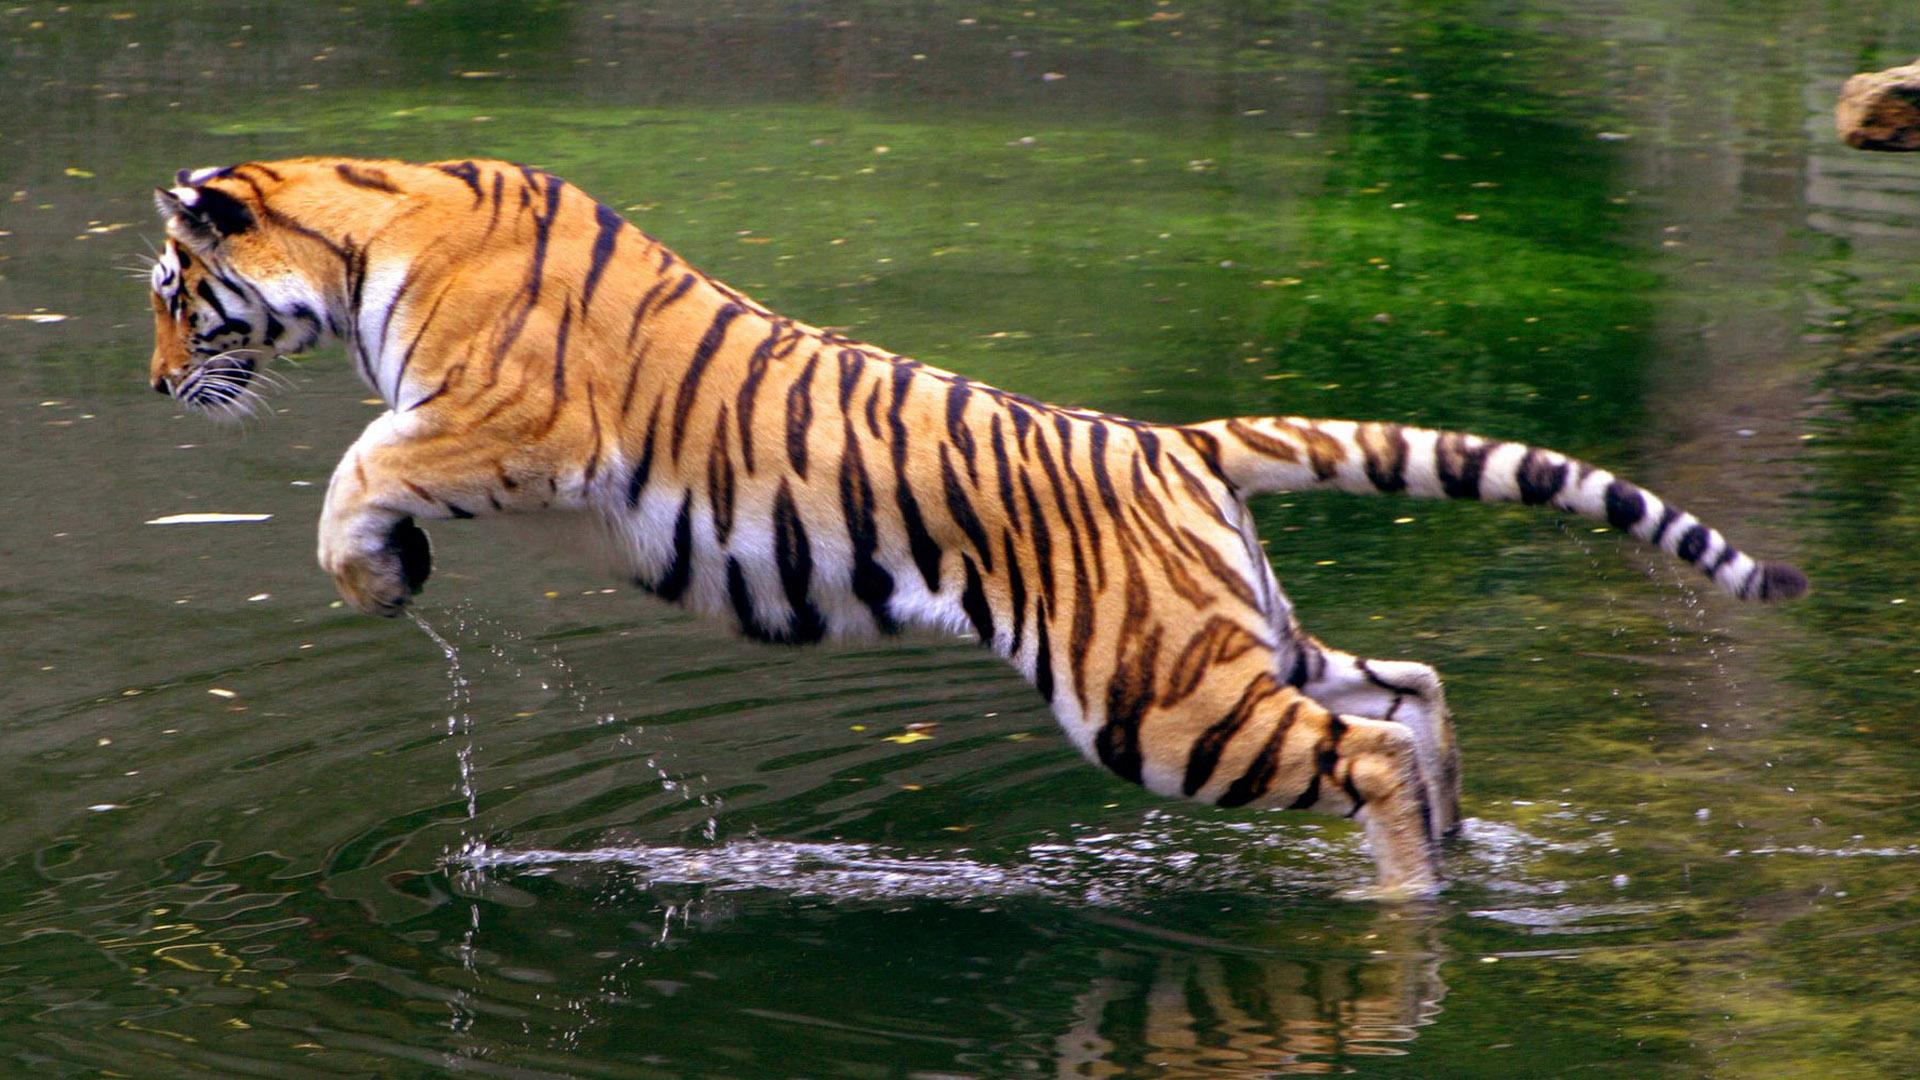 Hình nền con hổ đang nhảy đẹp